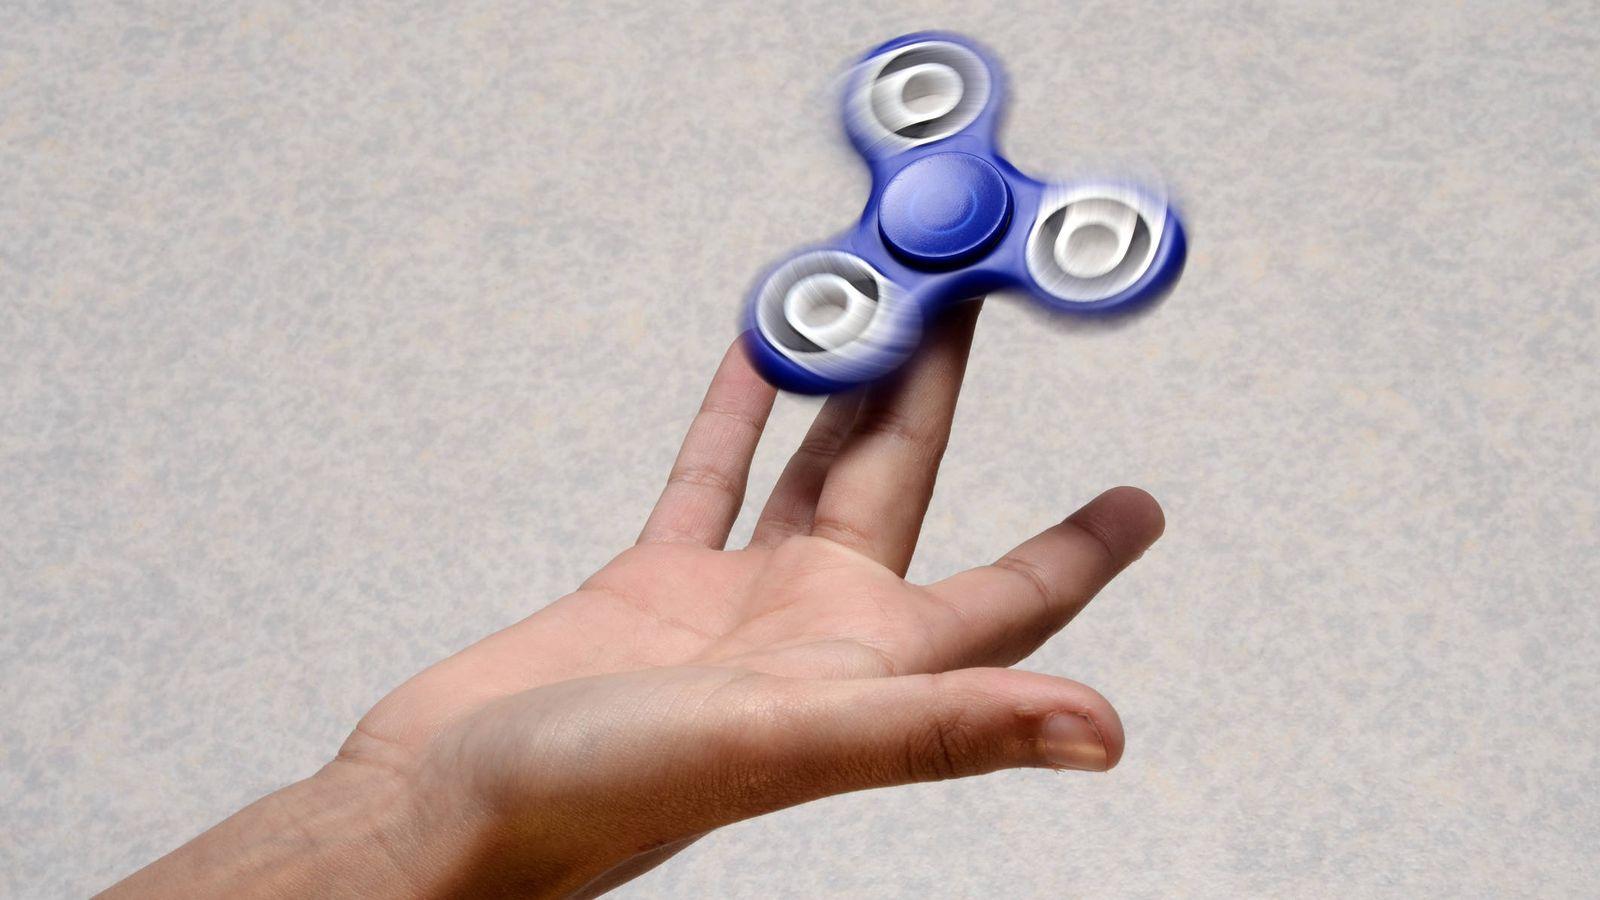 fidget-spinner-el-juguete-rey-del-recreo-que-preocupa-a-padres-y-profesores.jpg (1600×900)